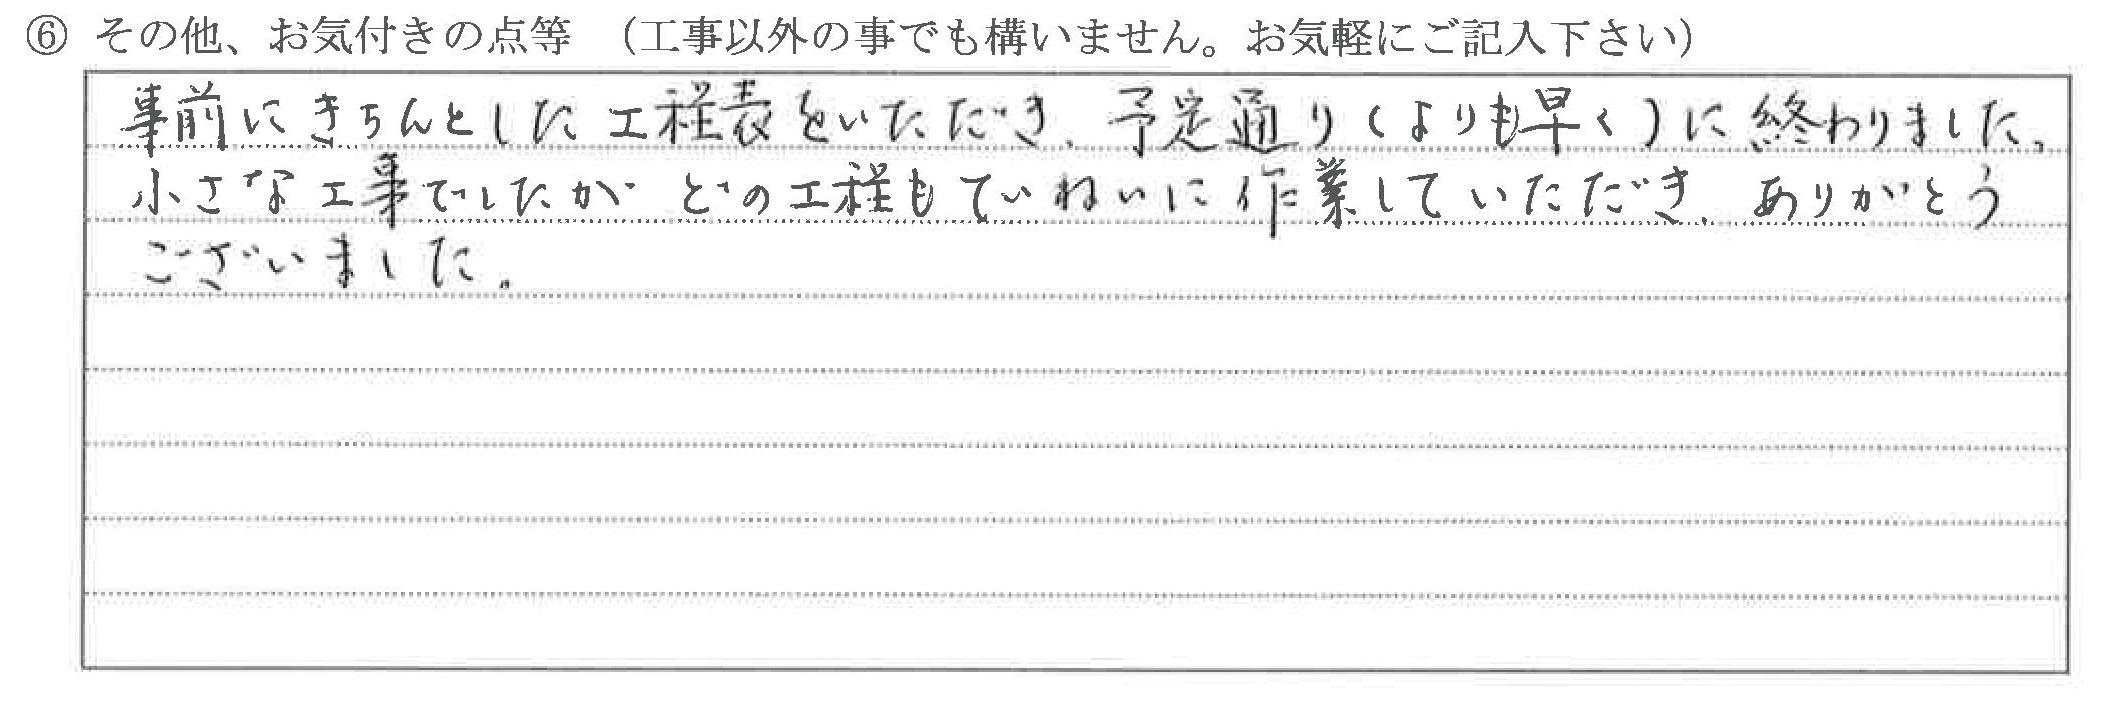 富山県富山市K様に頂いた改装工事についてのお気づきの点がありましたら、お聞かせ下さい。というご質問について「改装工事【ご指摘の声】【お喜びの声】」というお声についての画像